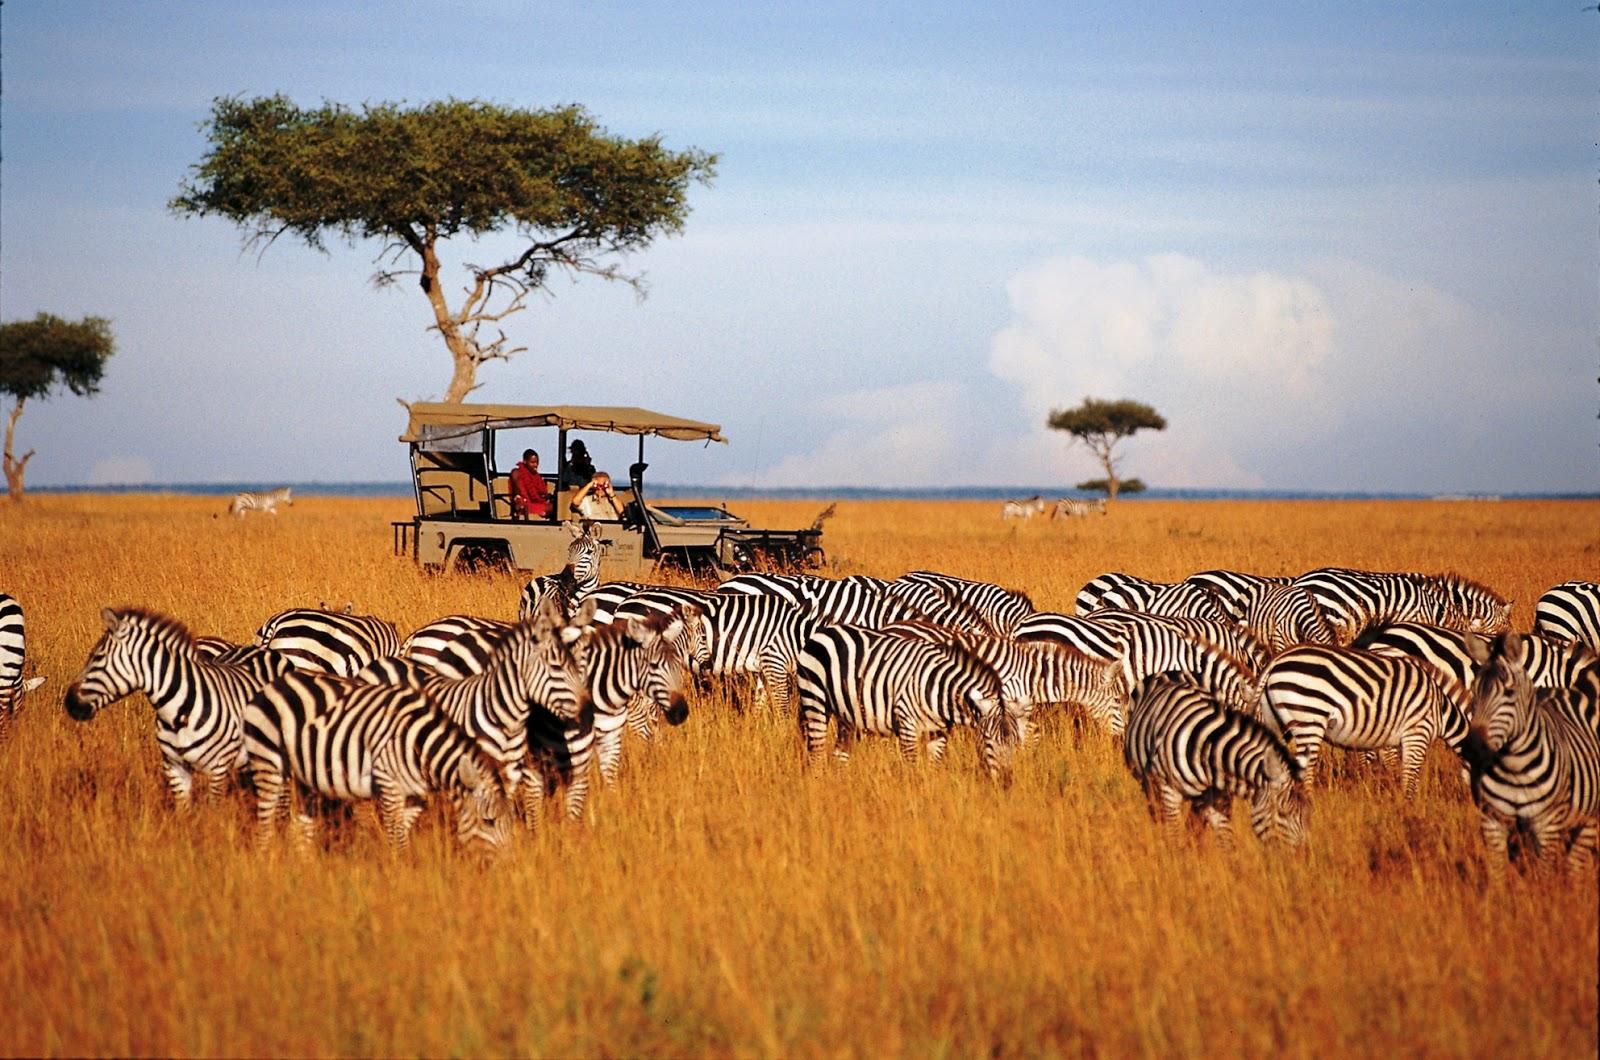 แพ็คเกจทัวร์แทนซาเนีย เคนย่า อุทยานโกรองโกโร่ 8วัน5คืน